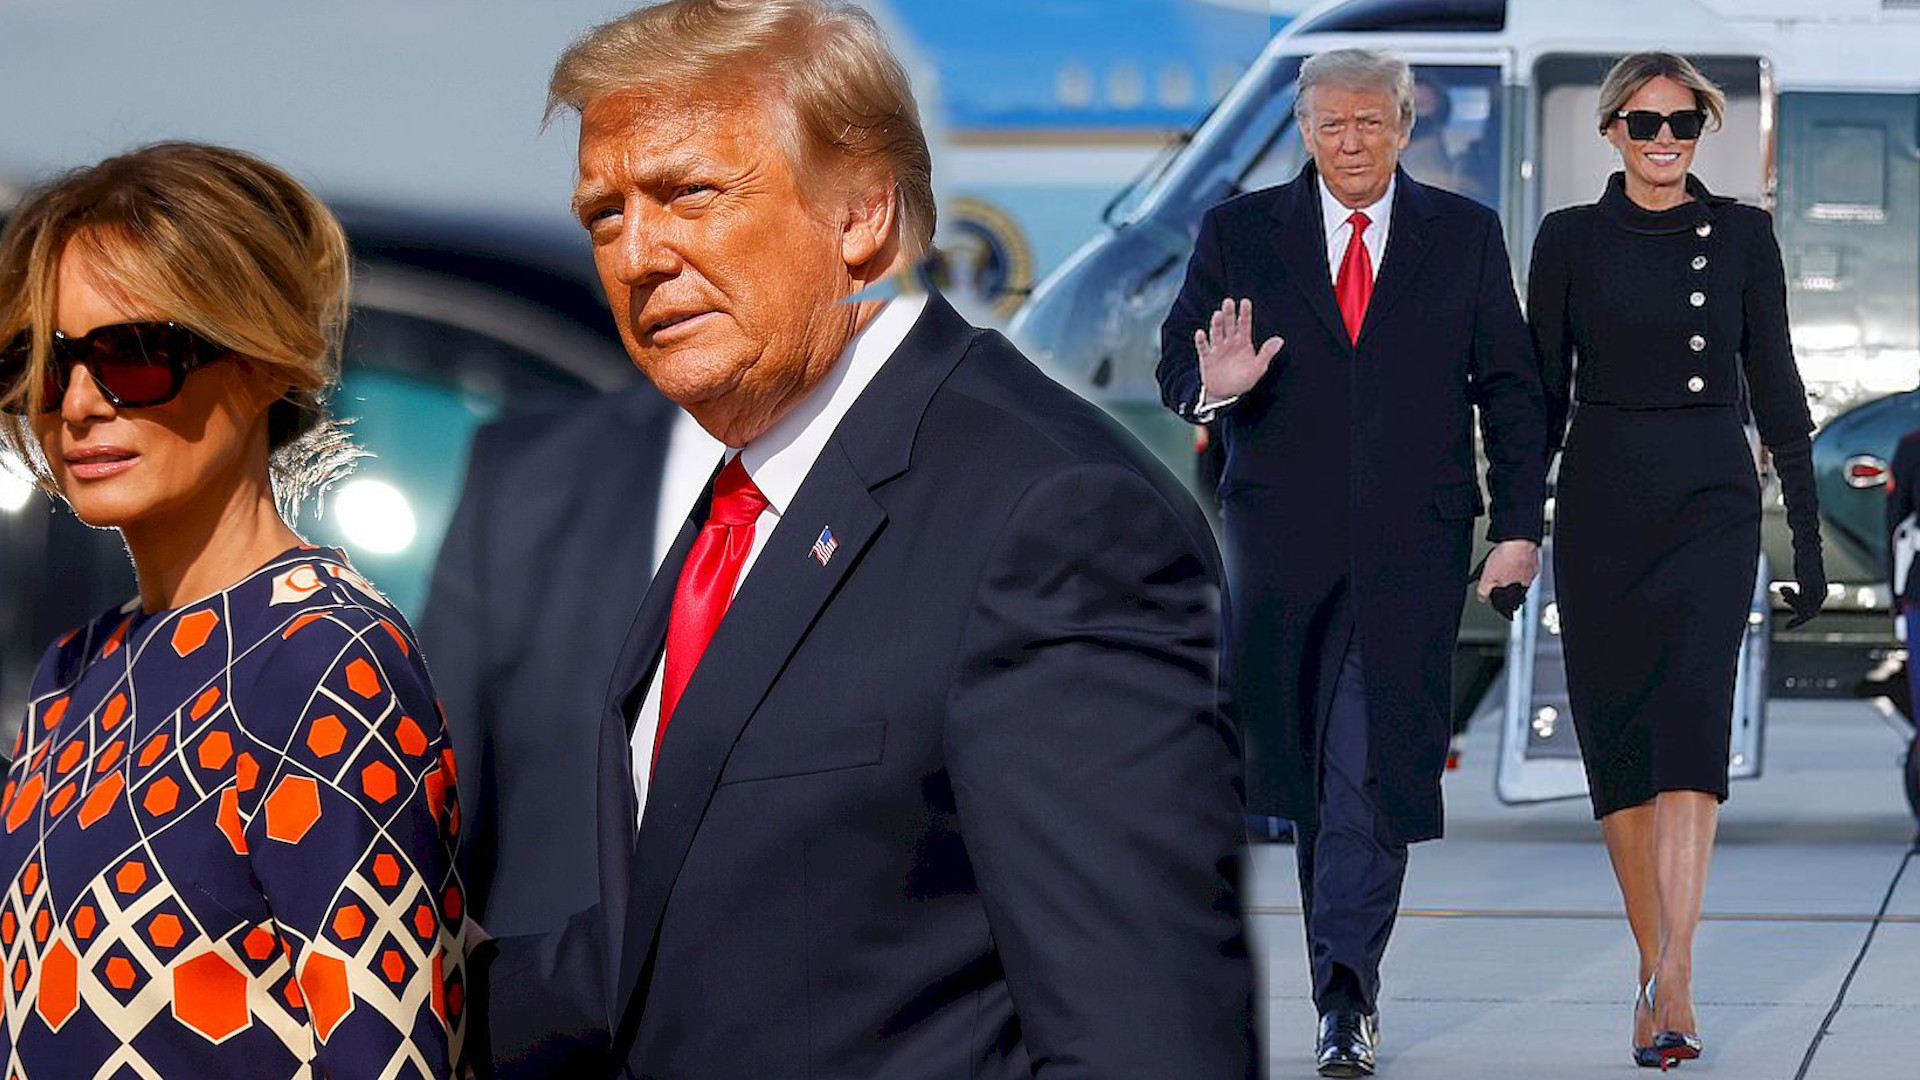 Co dalej z małżeństwem Trumpów? Amerykańskie media nie mają wątpliwości